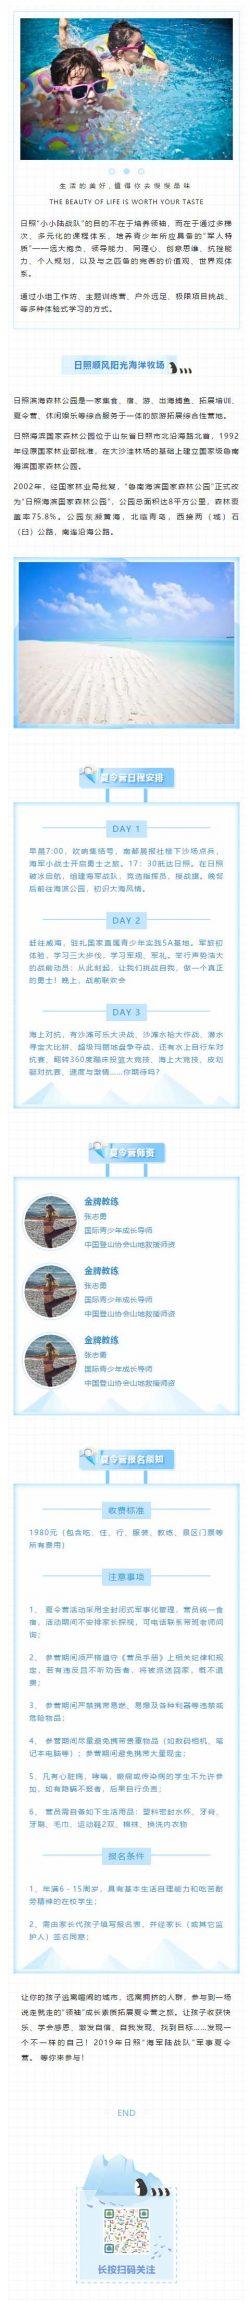 夏令营日程安排日照顺风阳光海洋牧场蓝色风格微信推文模板